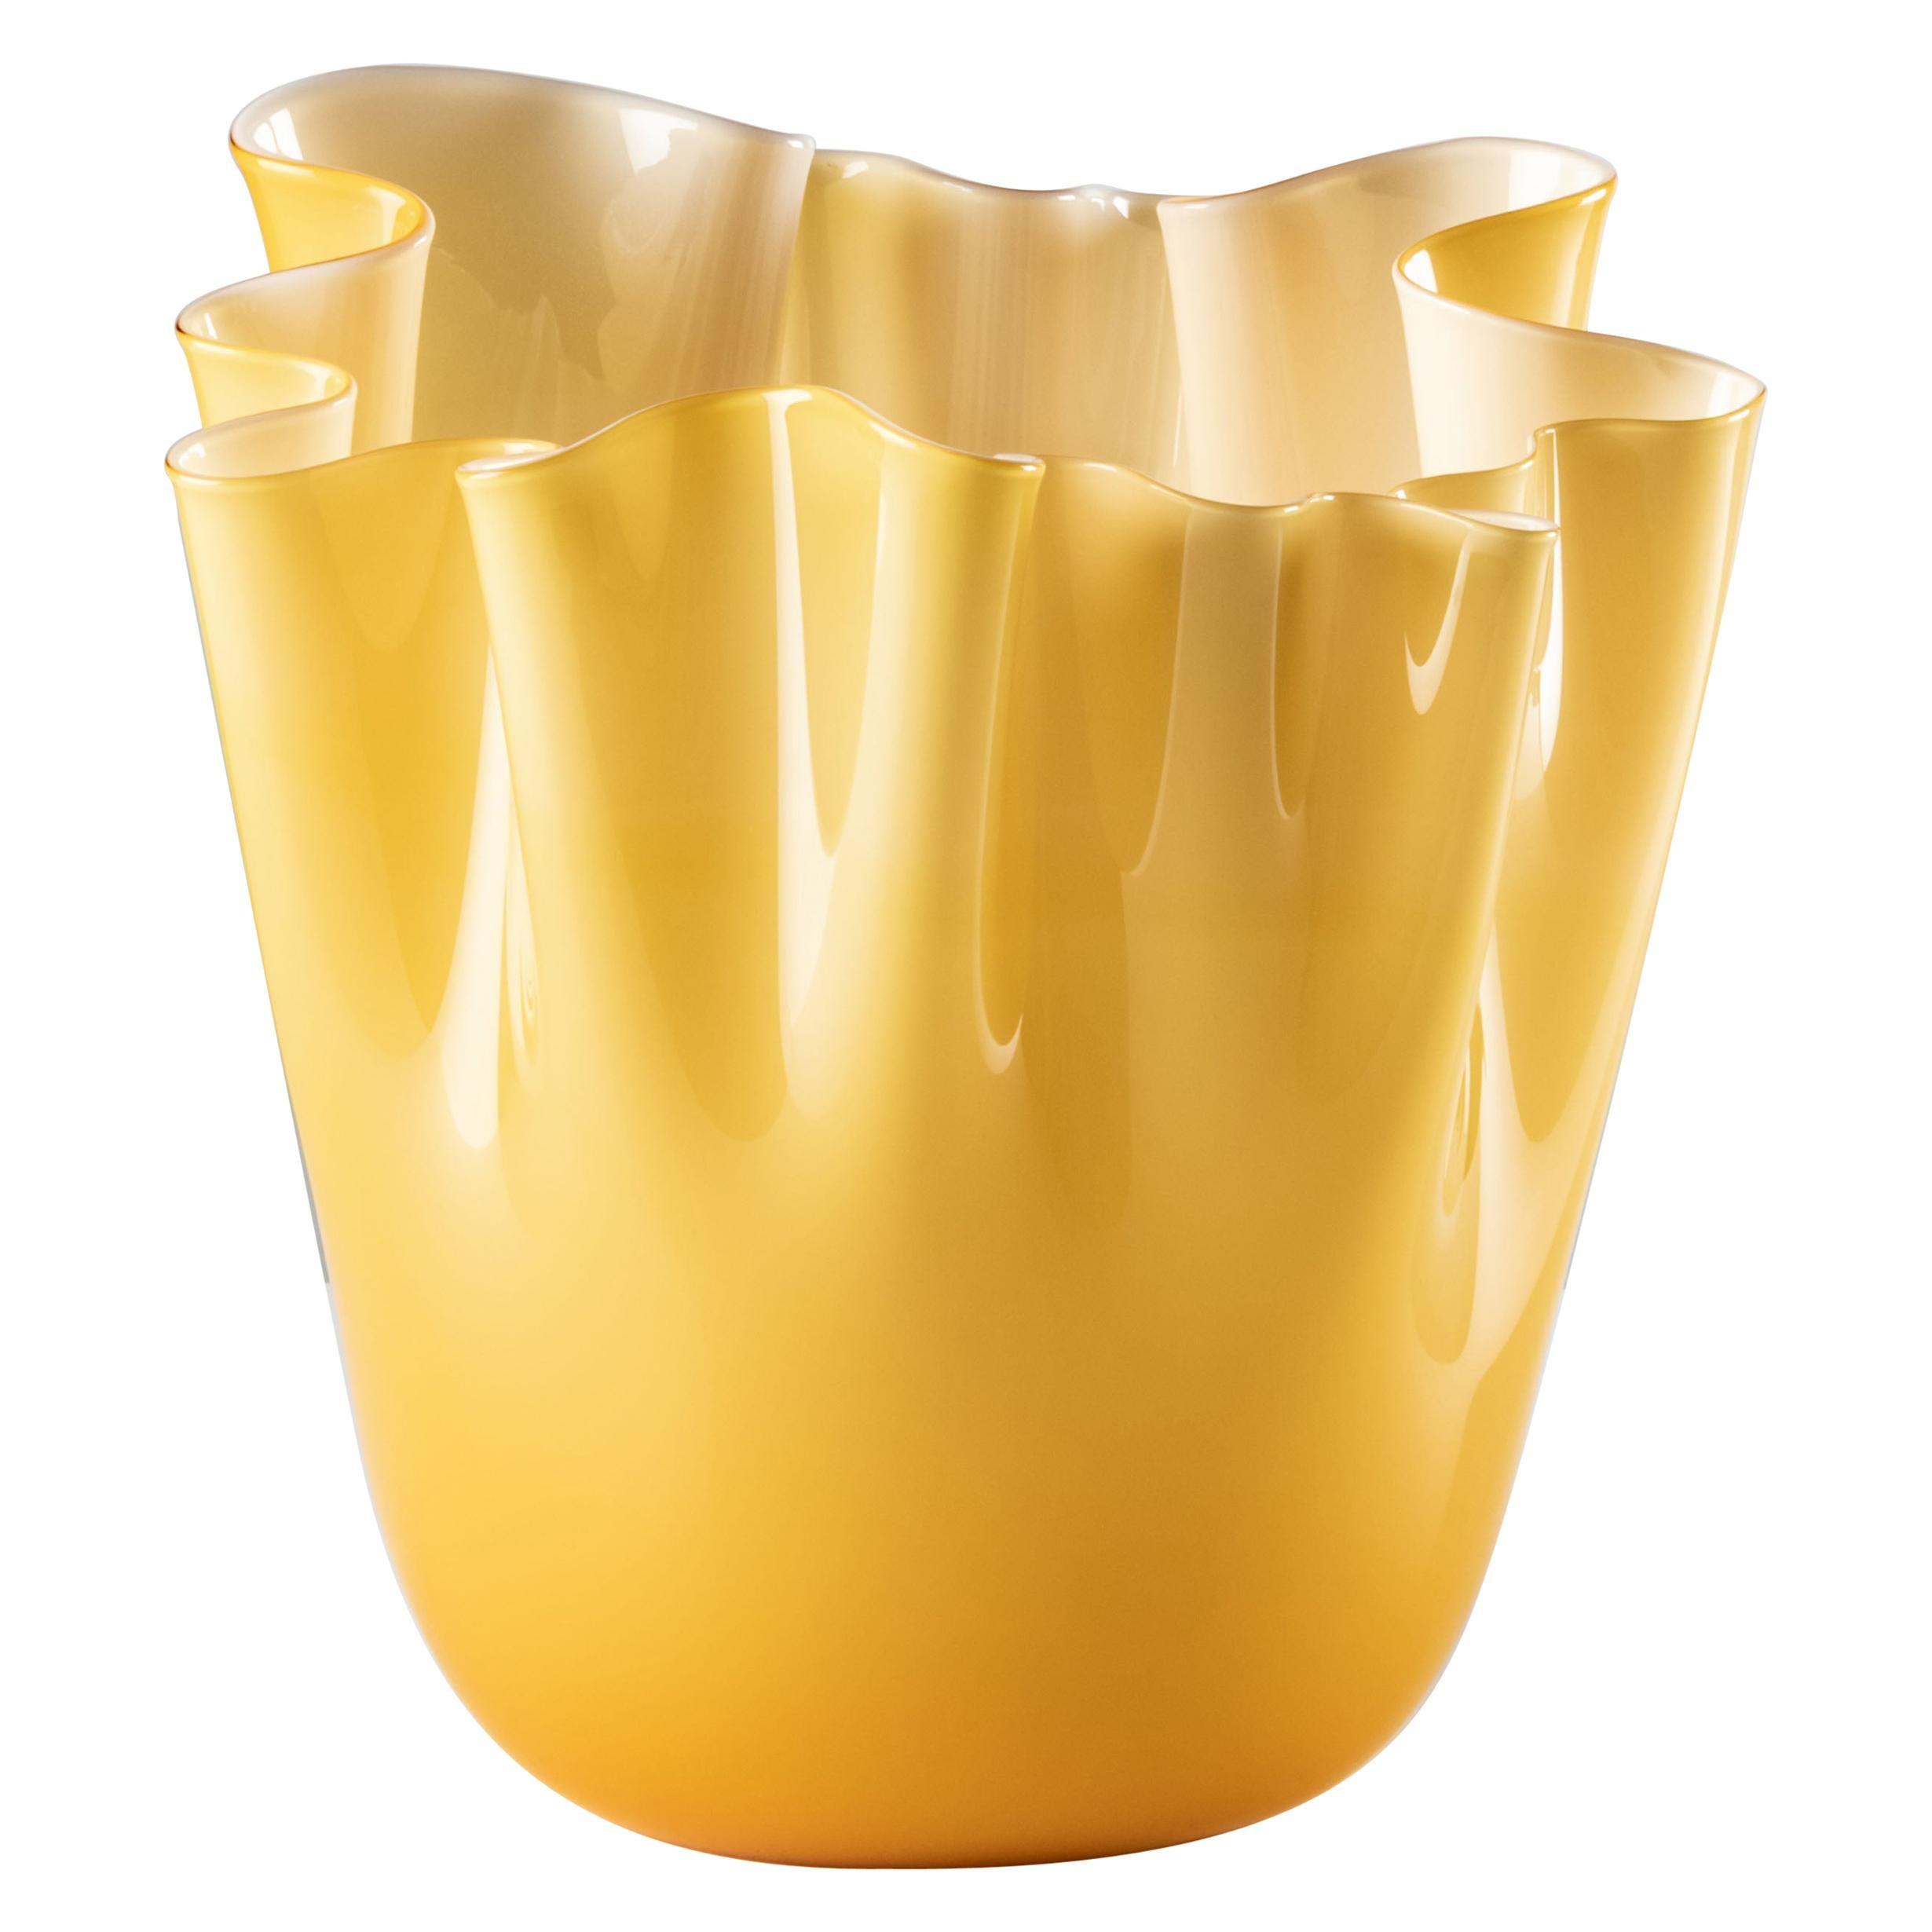 Venini Fazzoletto Opaline Large Vase in Amber Murano Glass